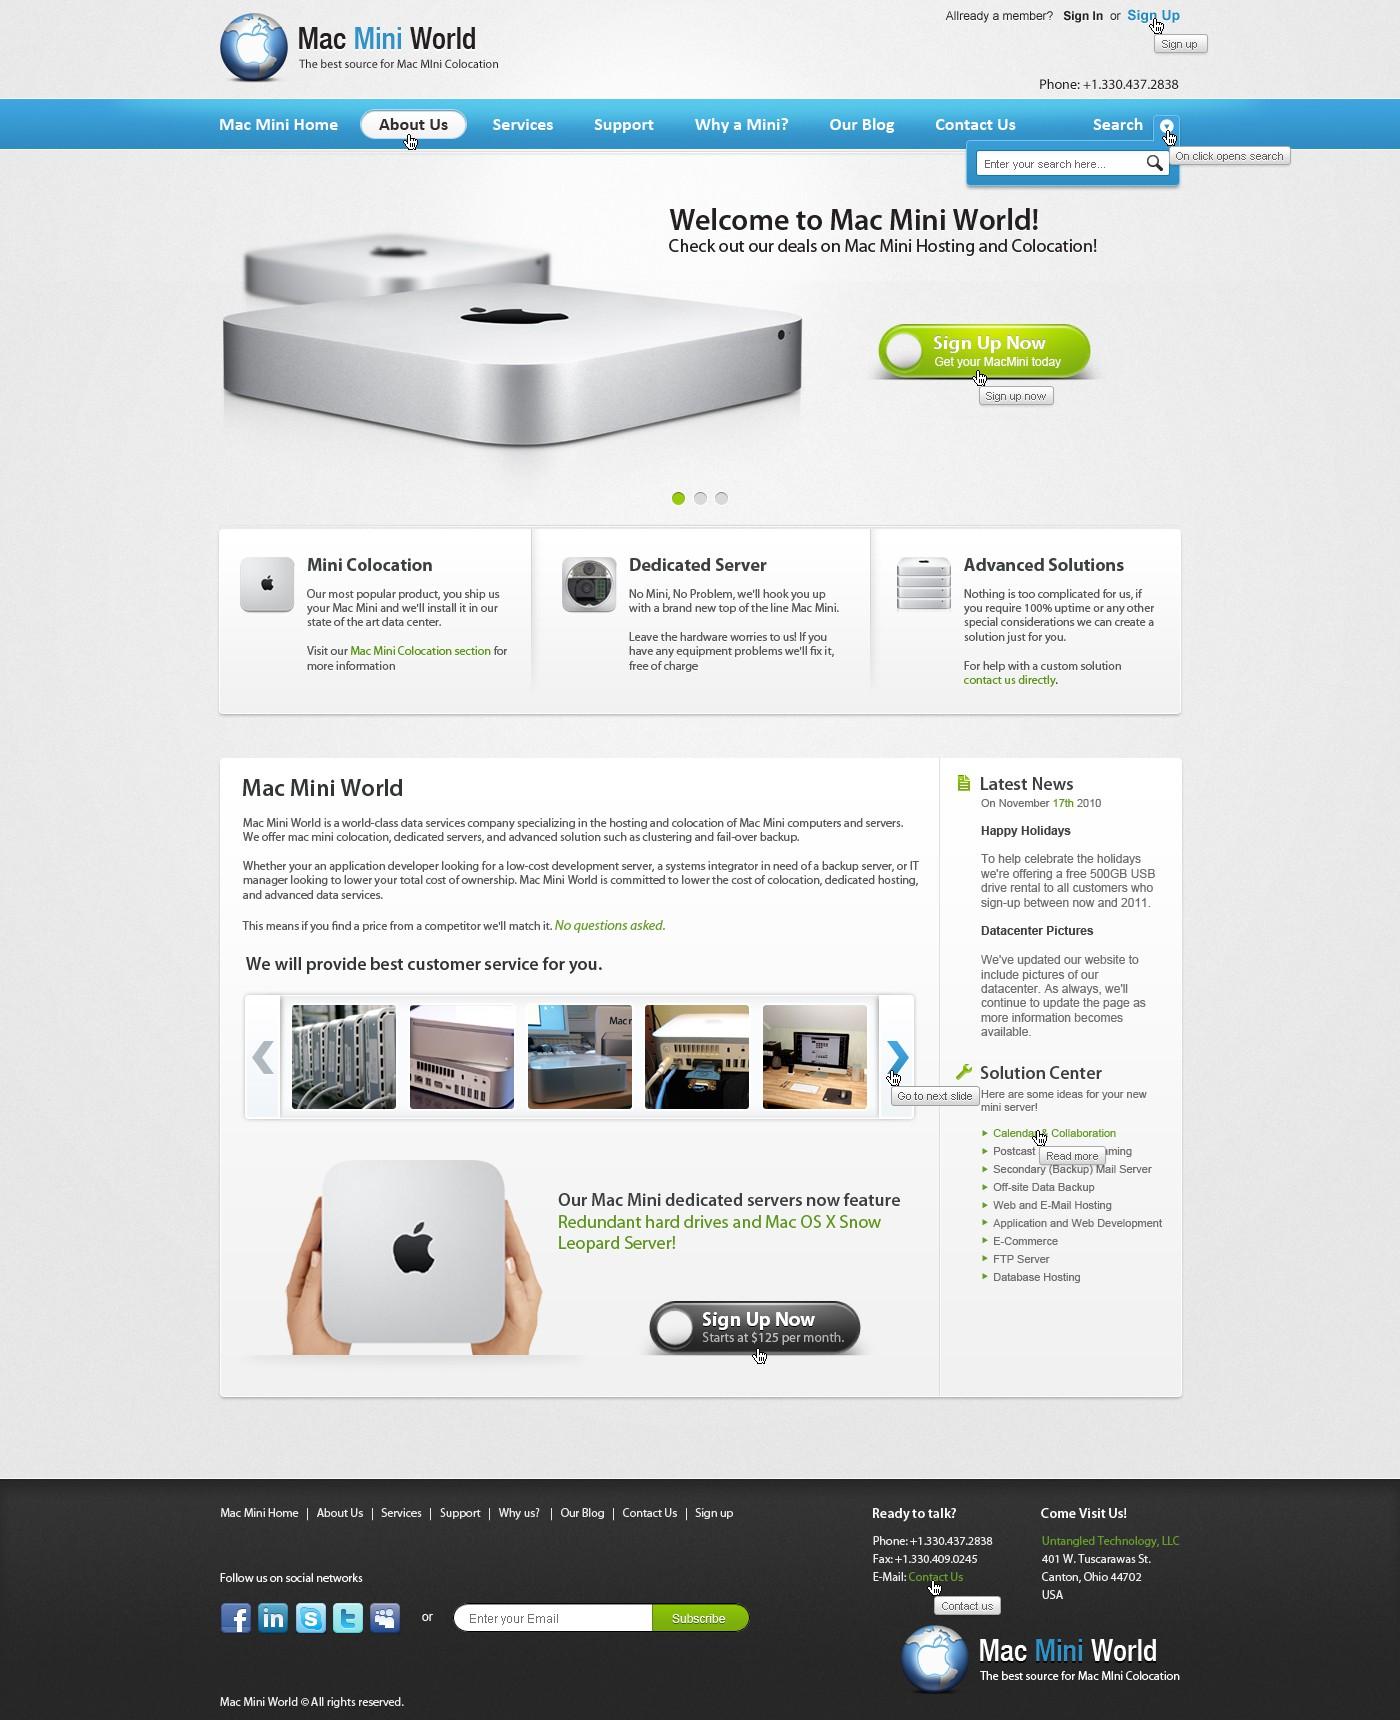 Mac Mini World needs a new website design